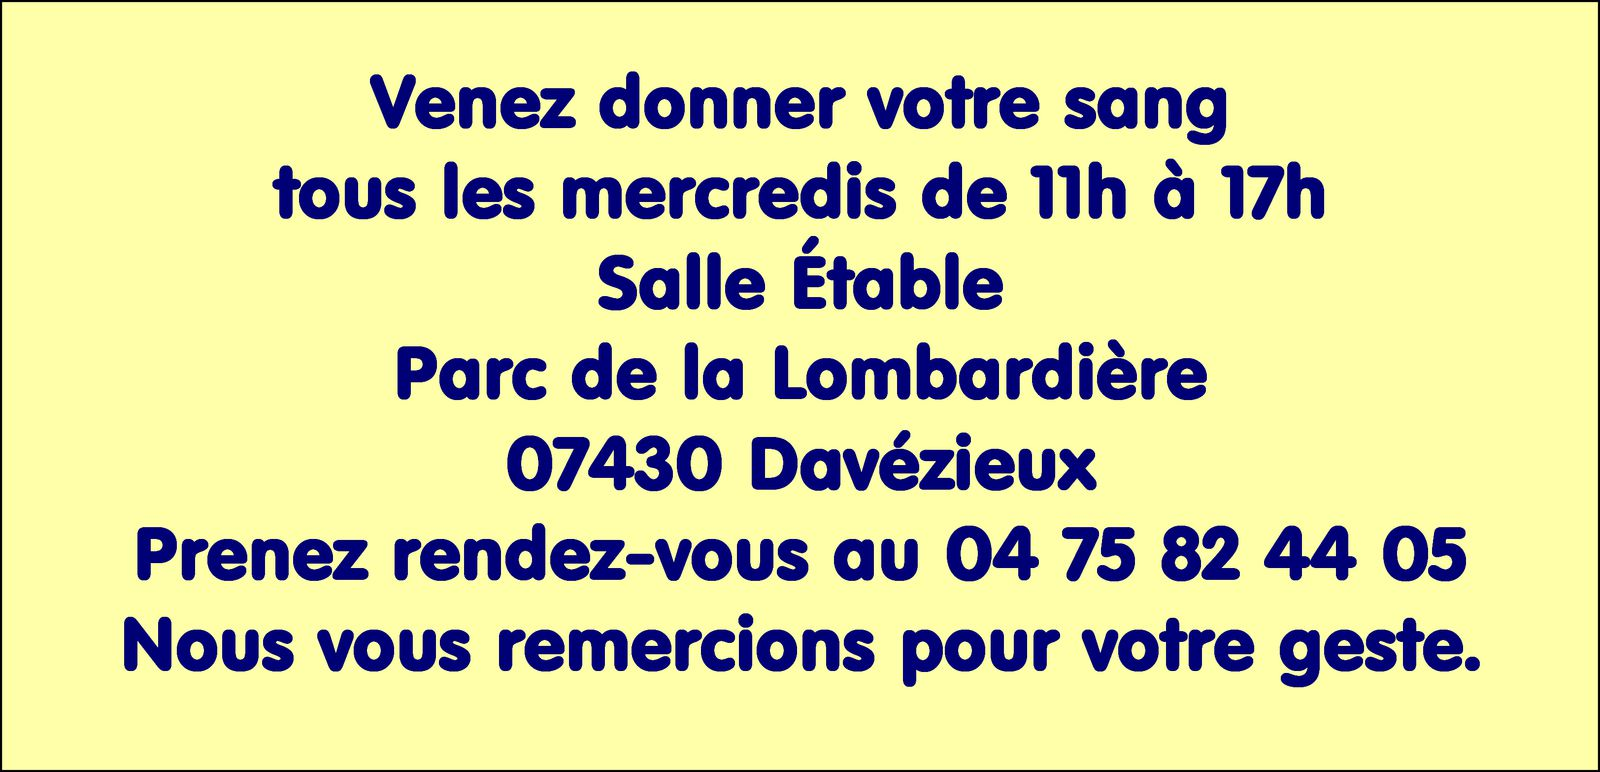 Communiqué de l'Amicale des donneurs de sang d'Annonay